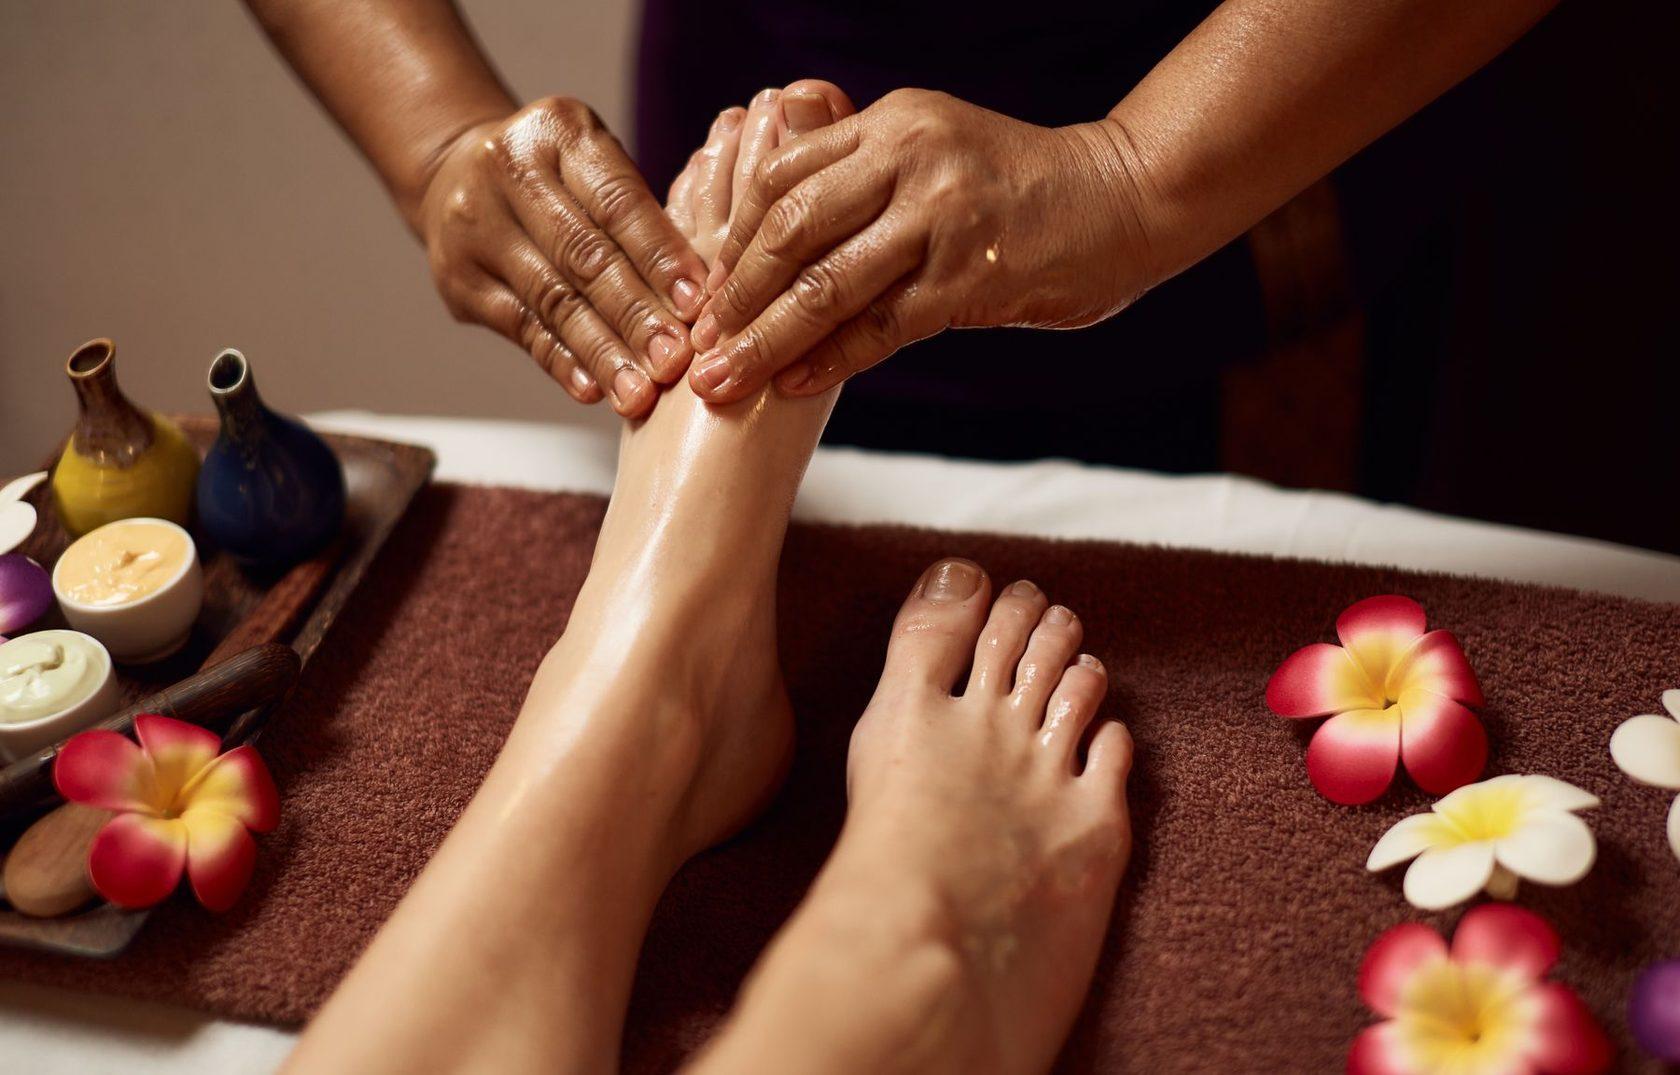 Картинки к тайскому массажу